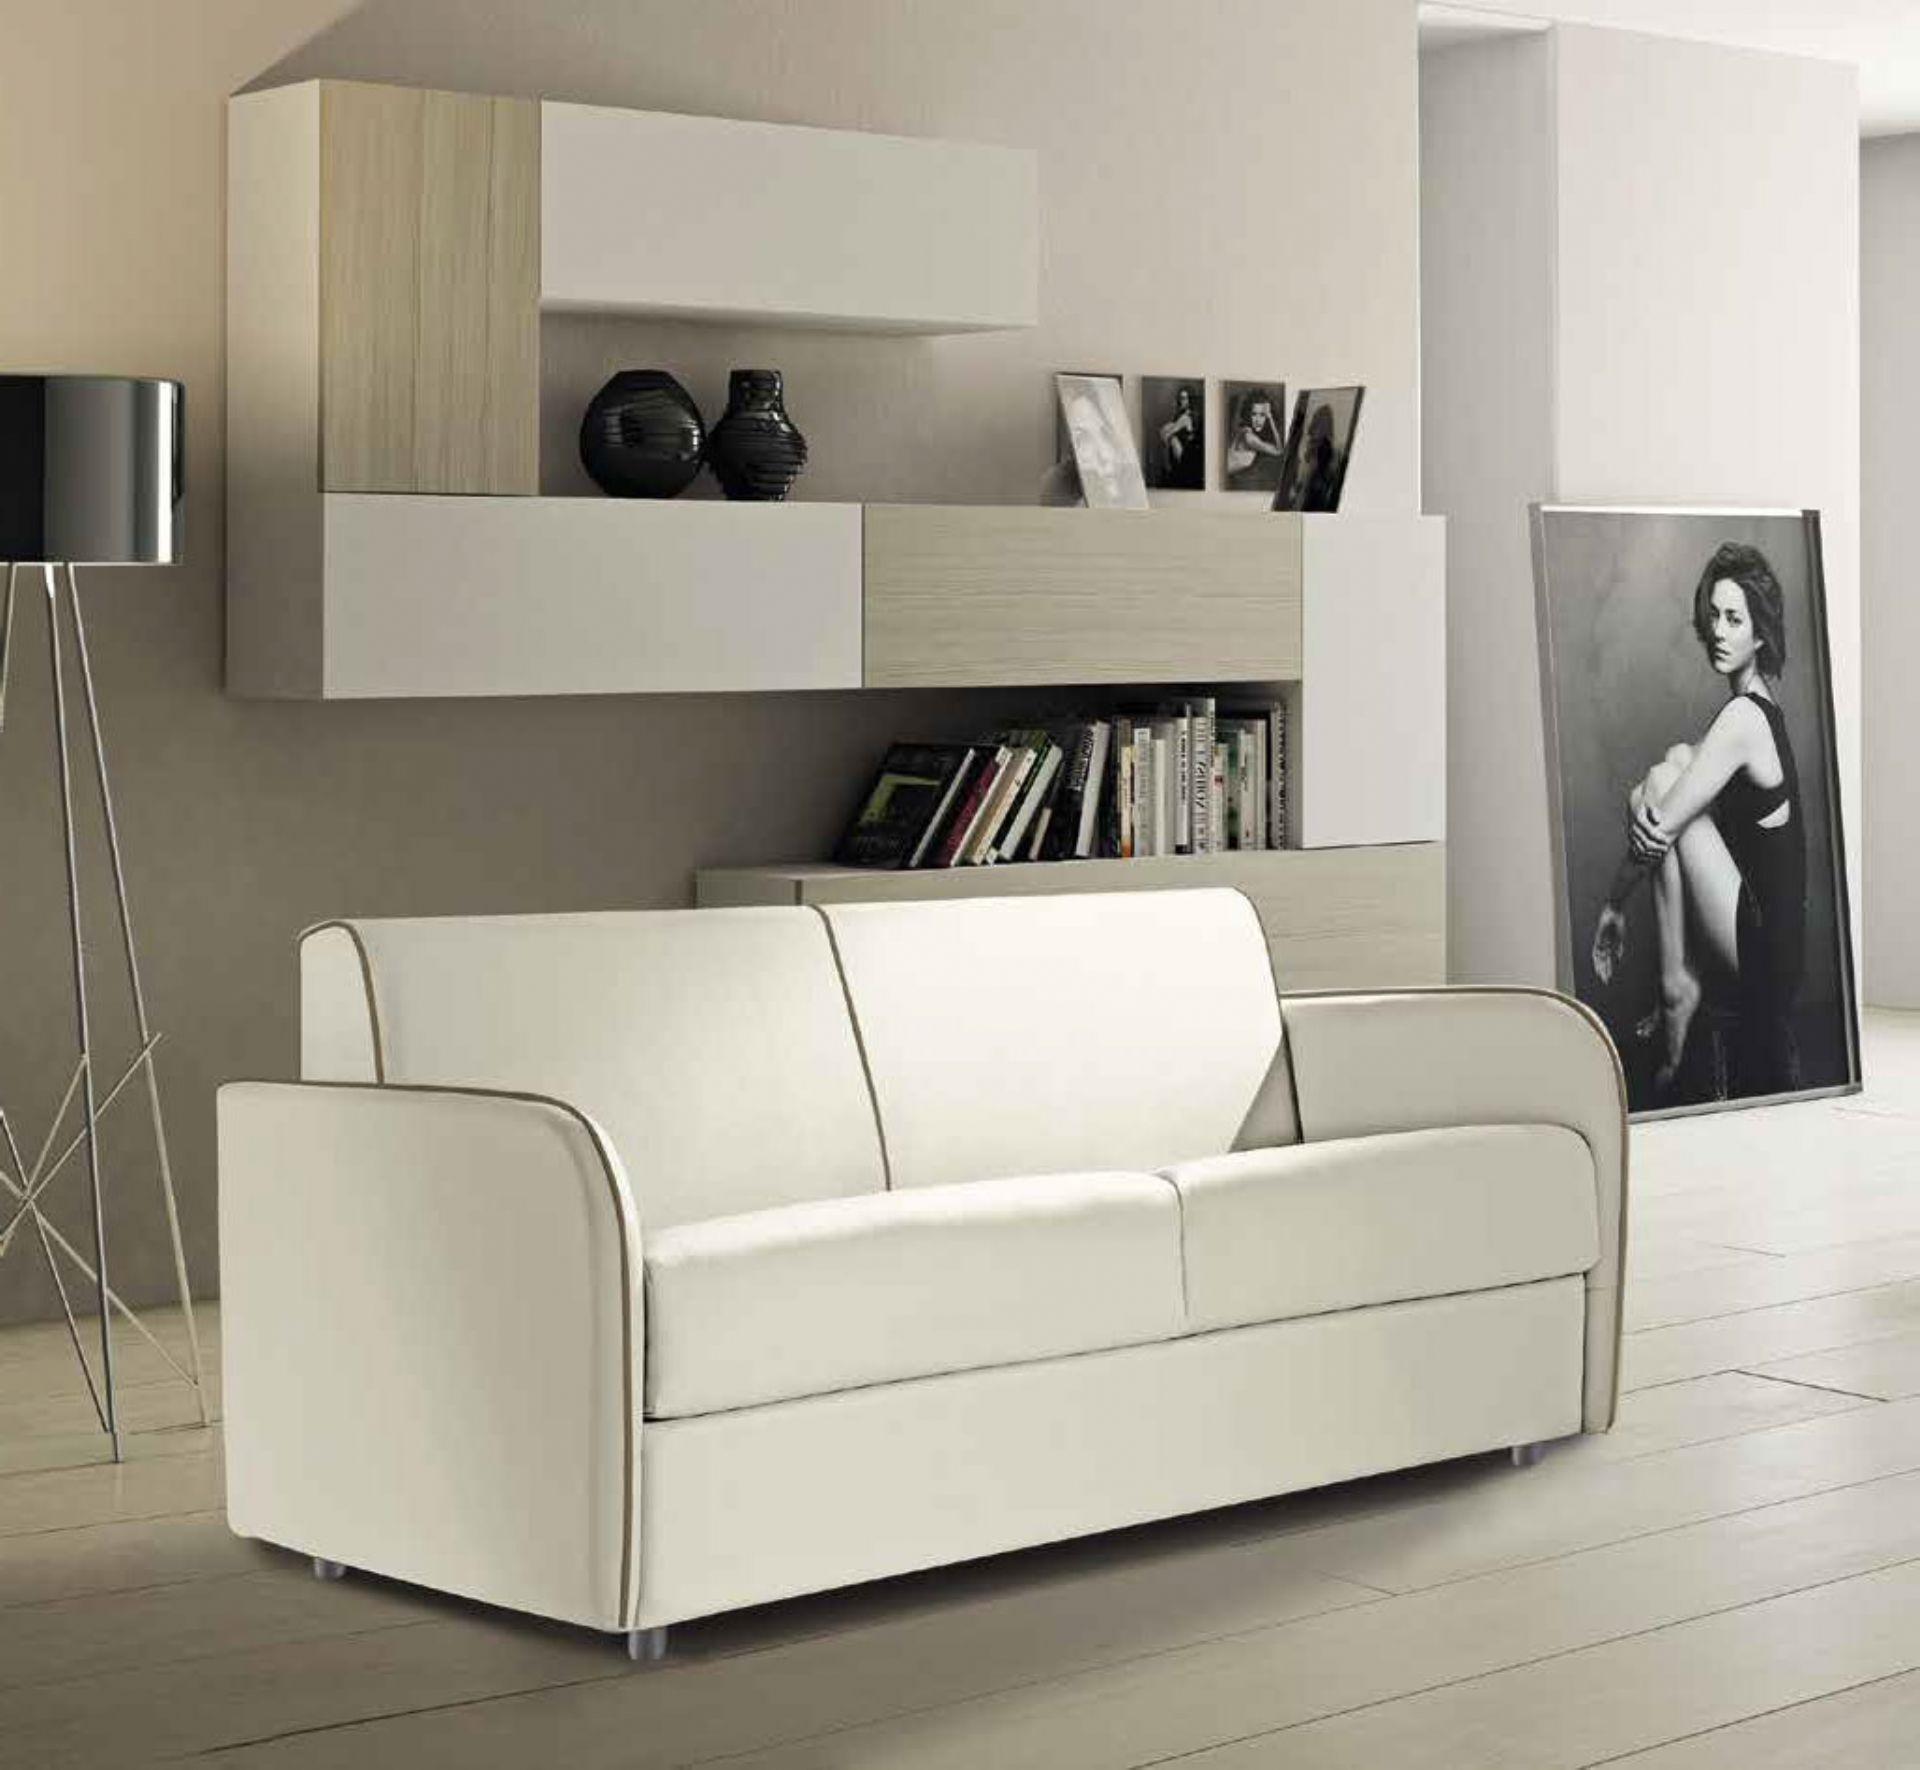 Ikea Divani Angolari: Divani angolari beige idee per il design della casa. Divani in pelle ikea ...